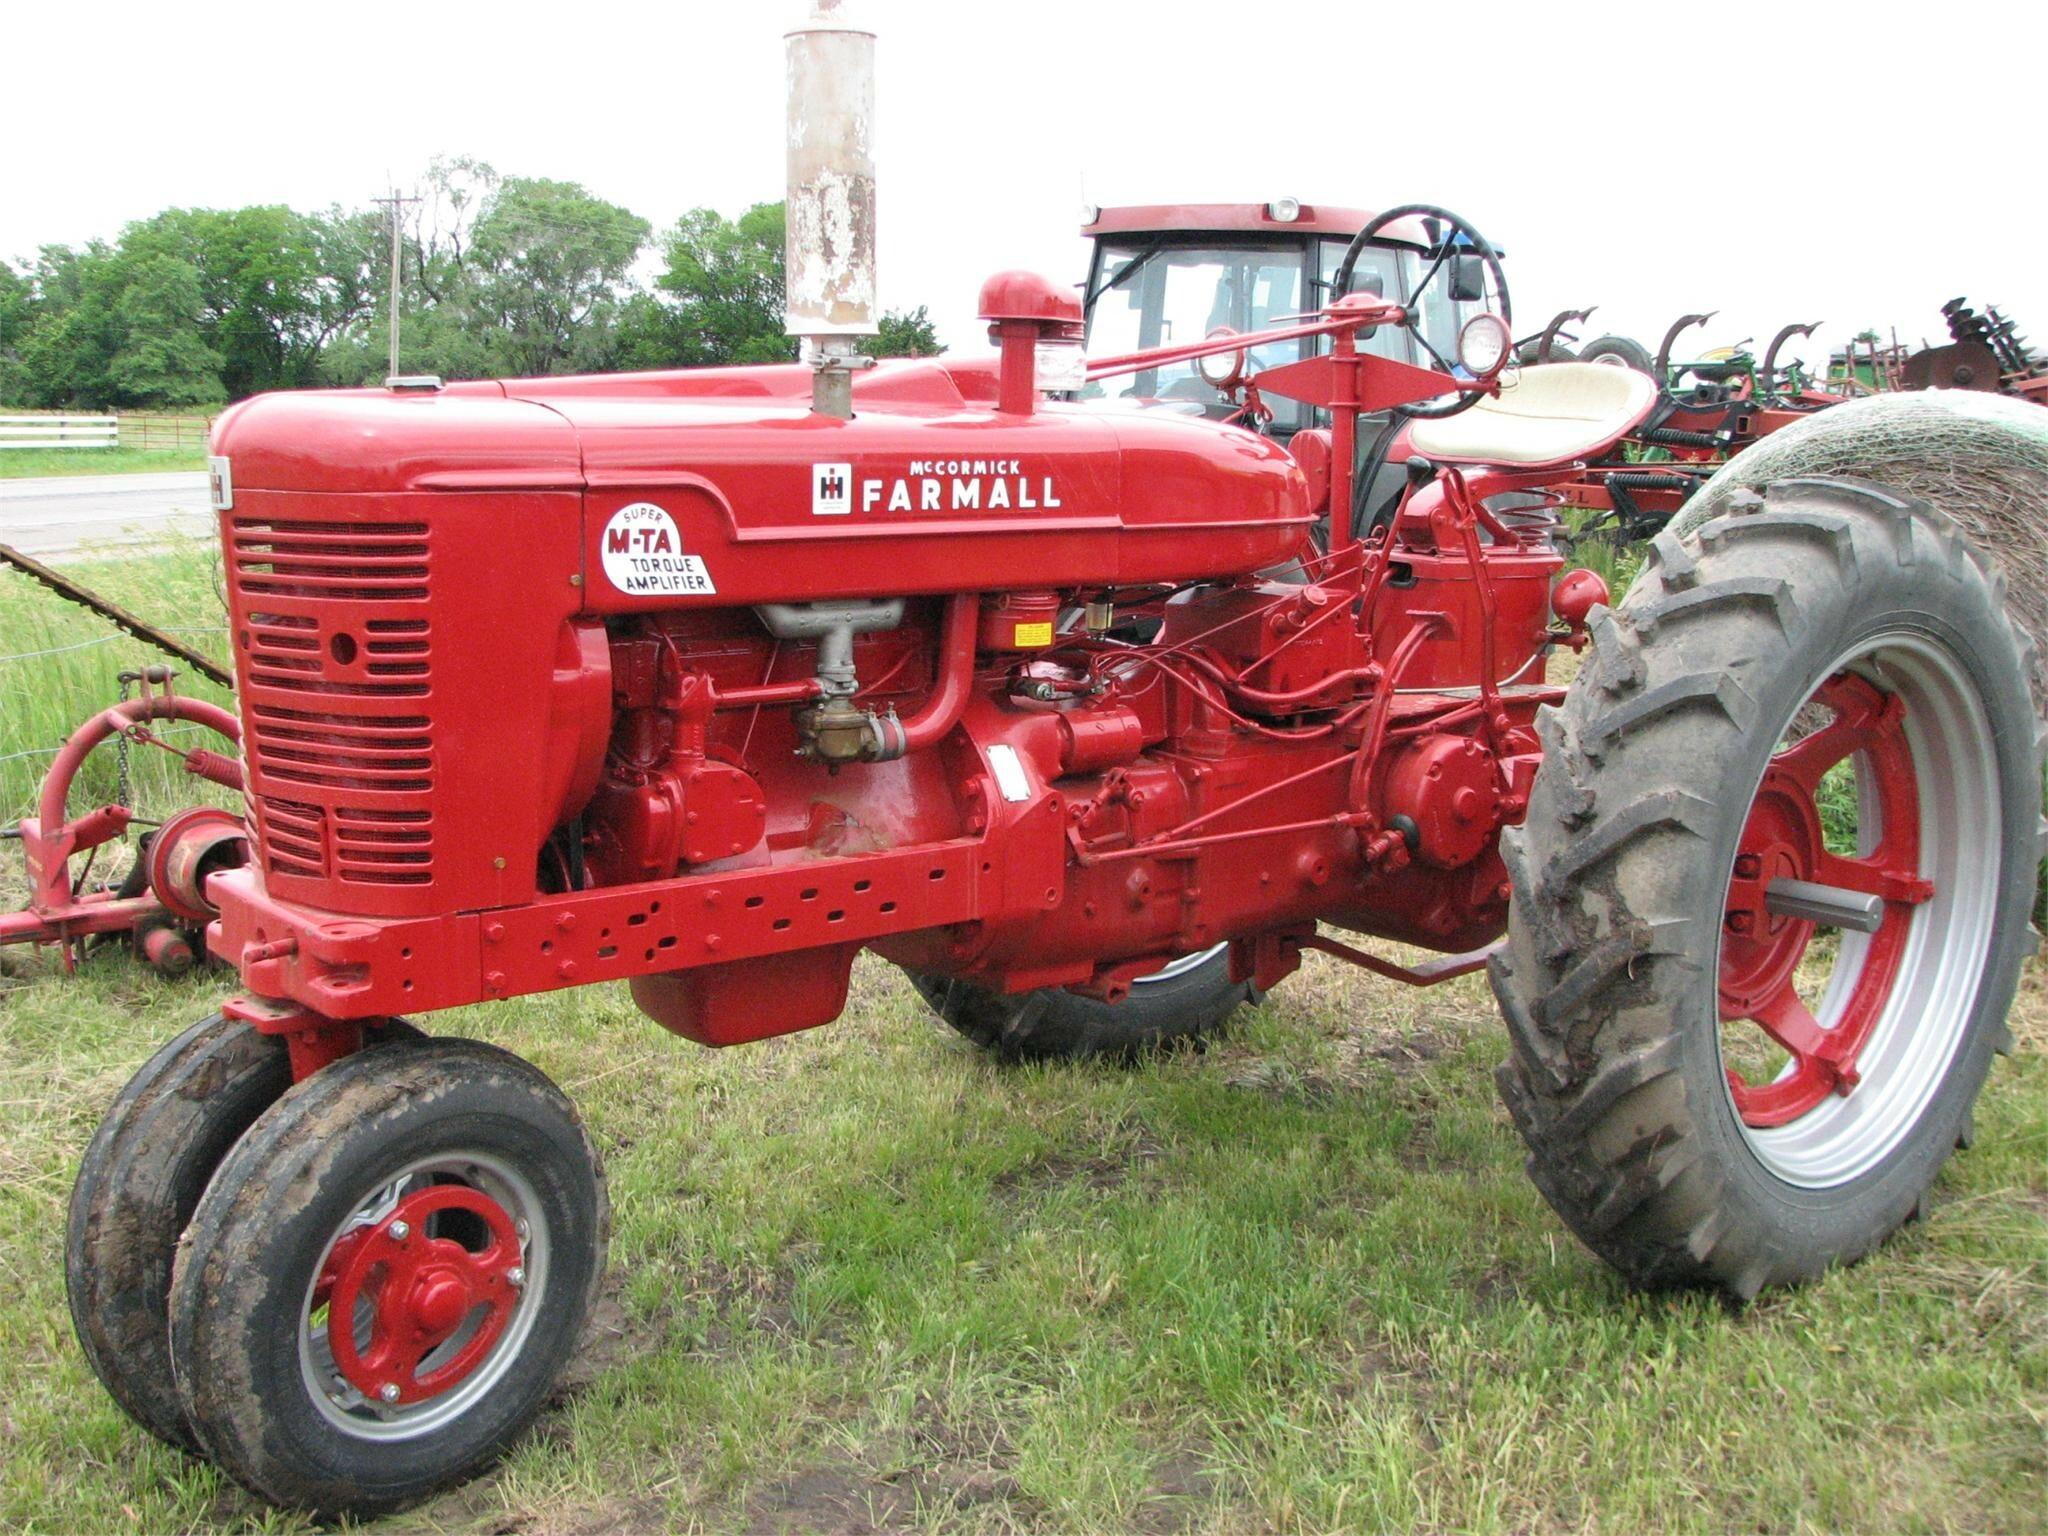 1954 Farmall Super M-TA Tractor